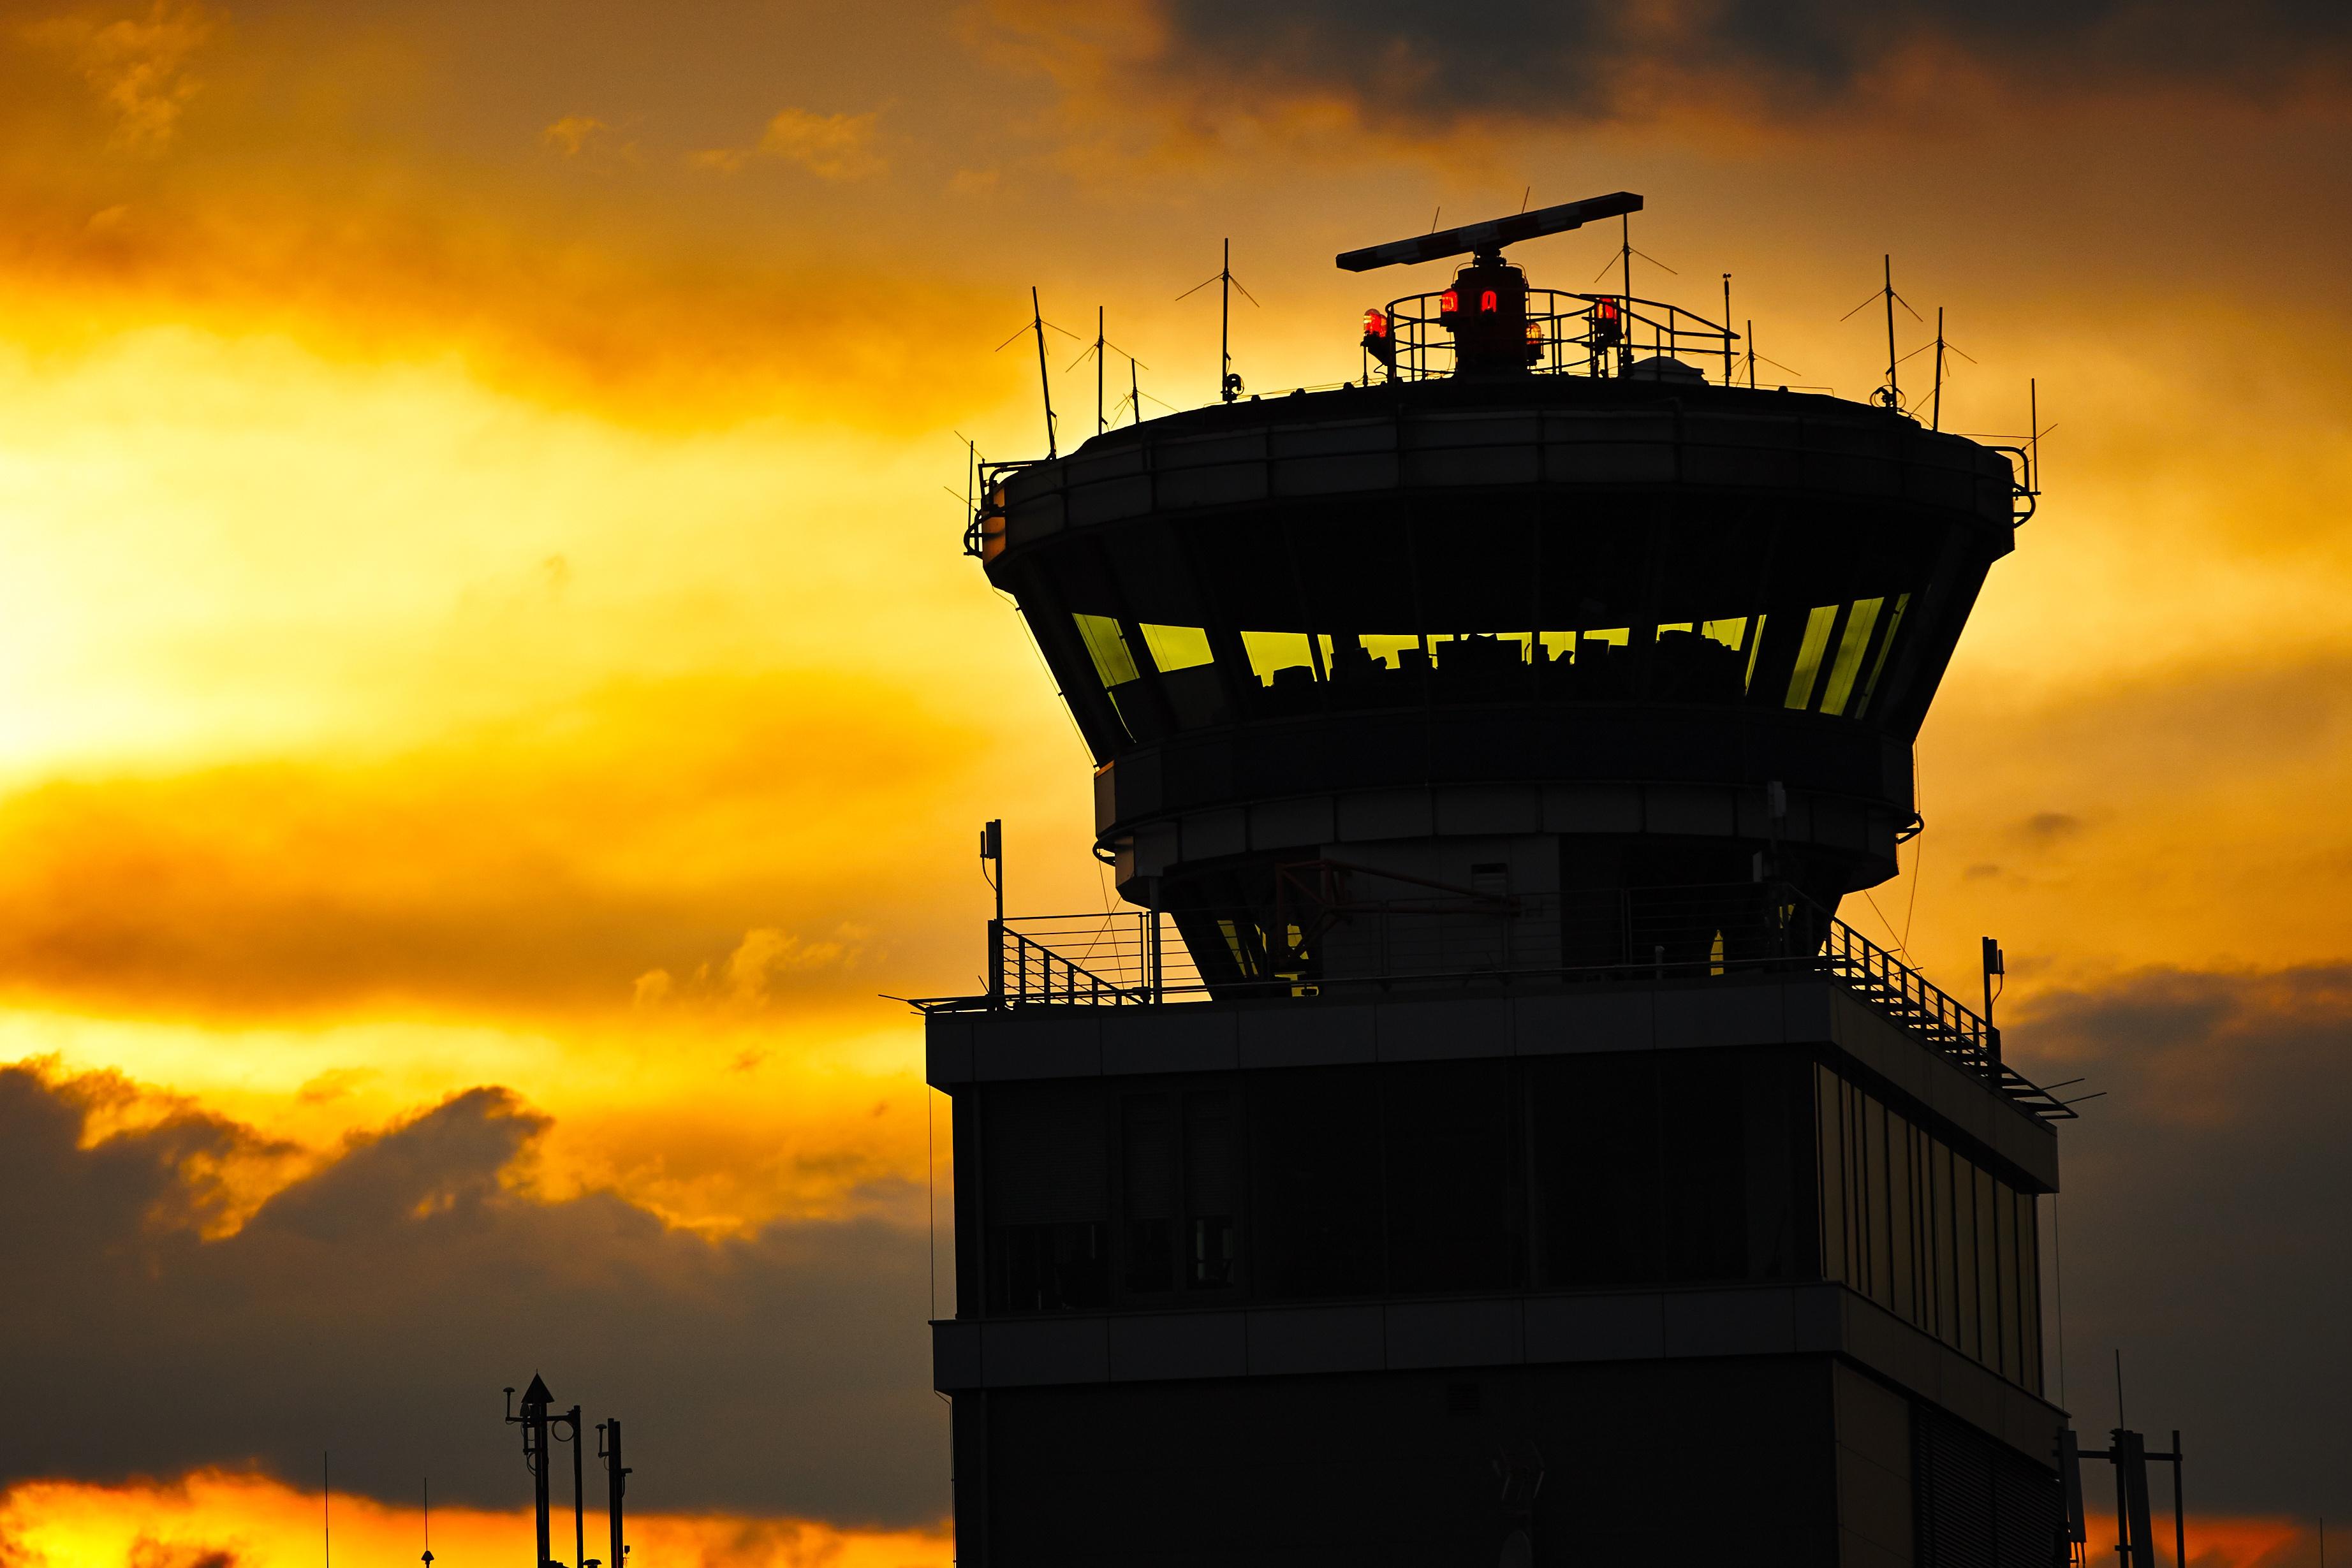 General_Industrial_-_Barometic_-_Airport_Barometric_Device.jpg